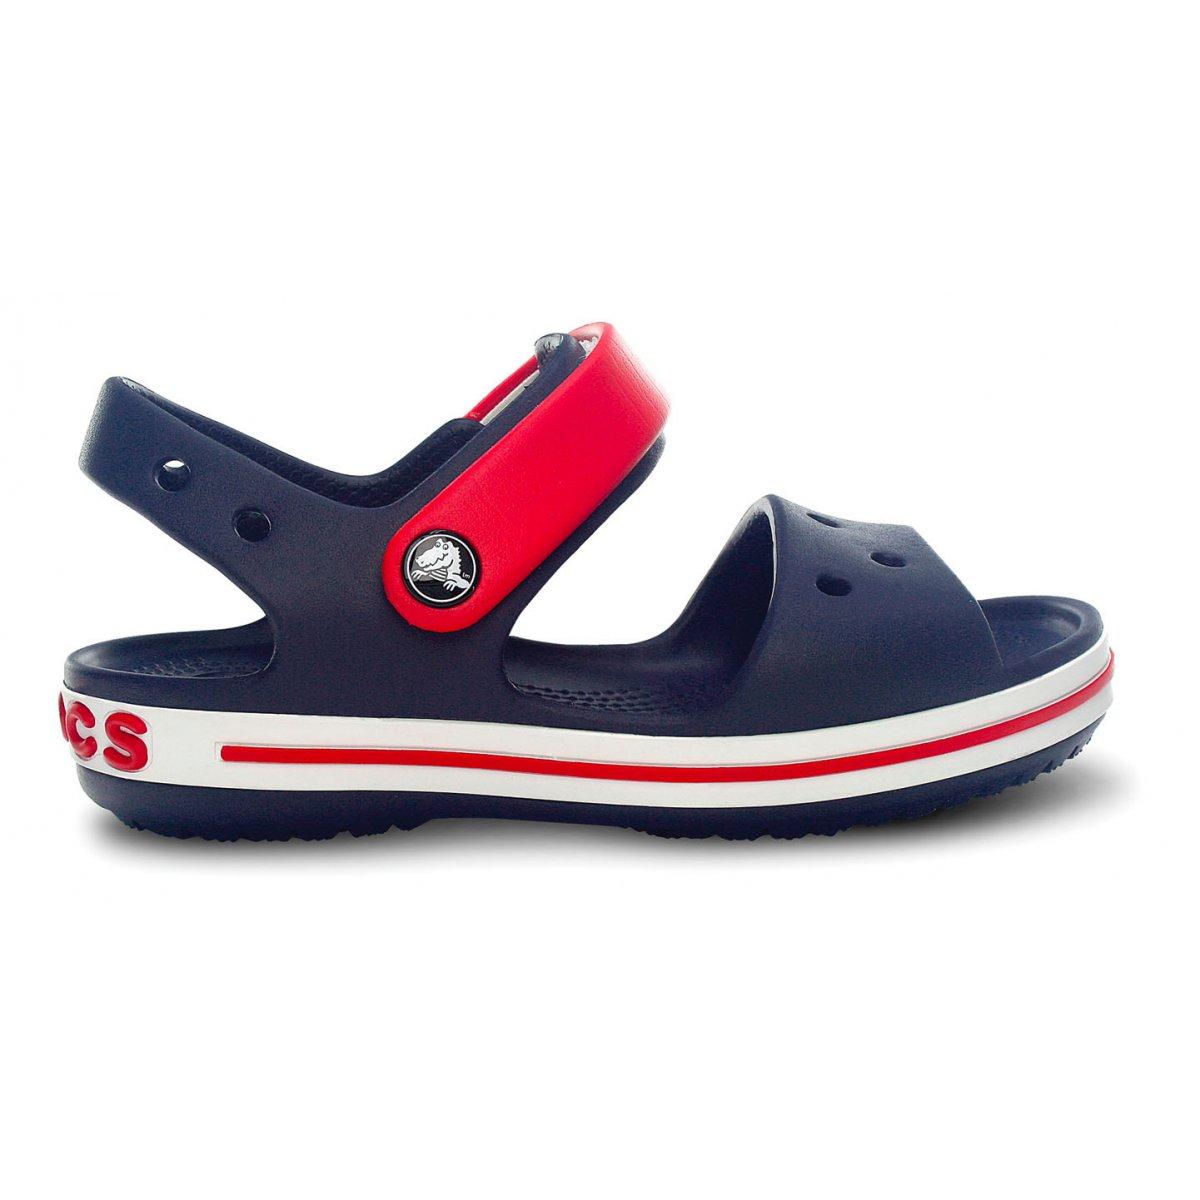 Crocs Sandalo bambina Crocs™ Crocband™ Sandal Kids